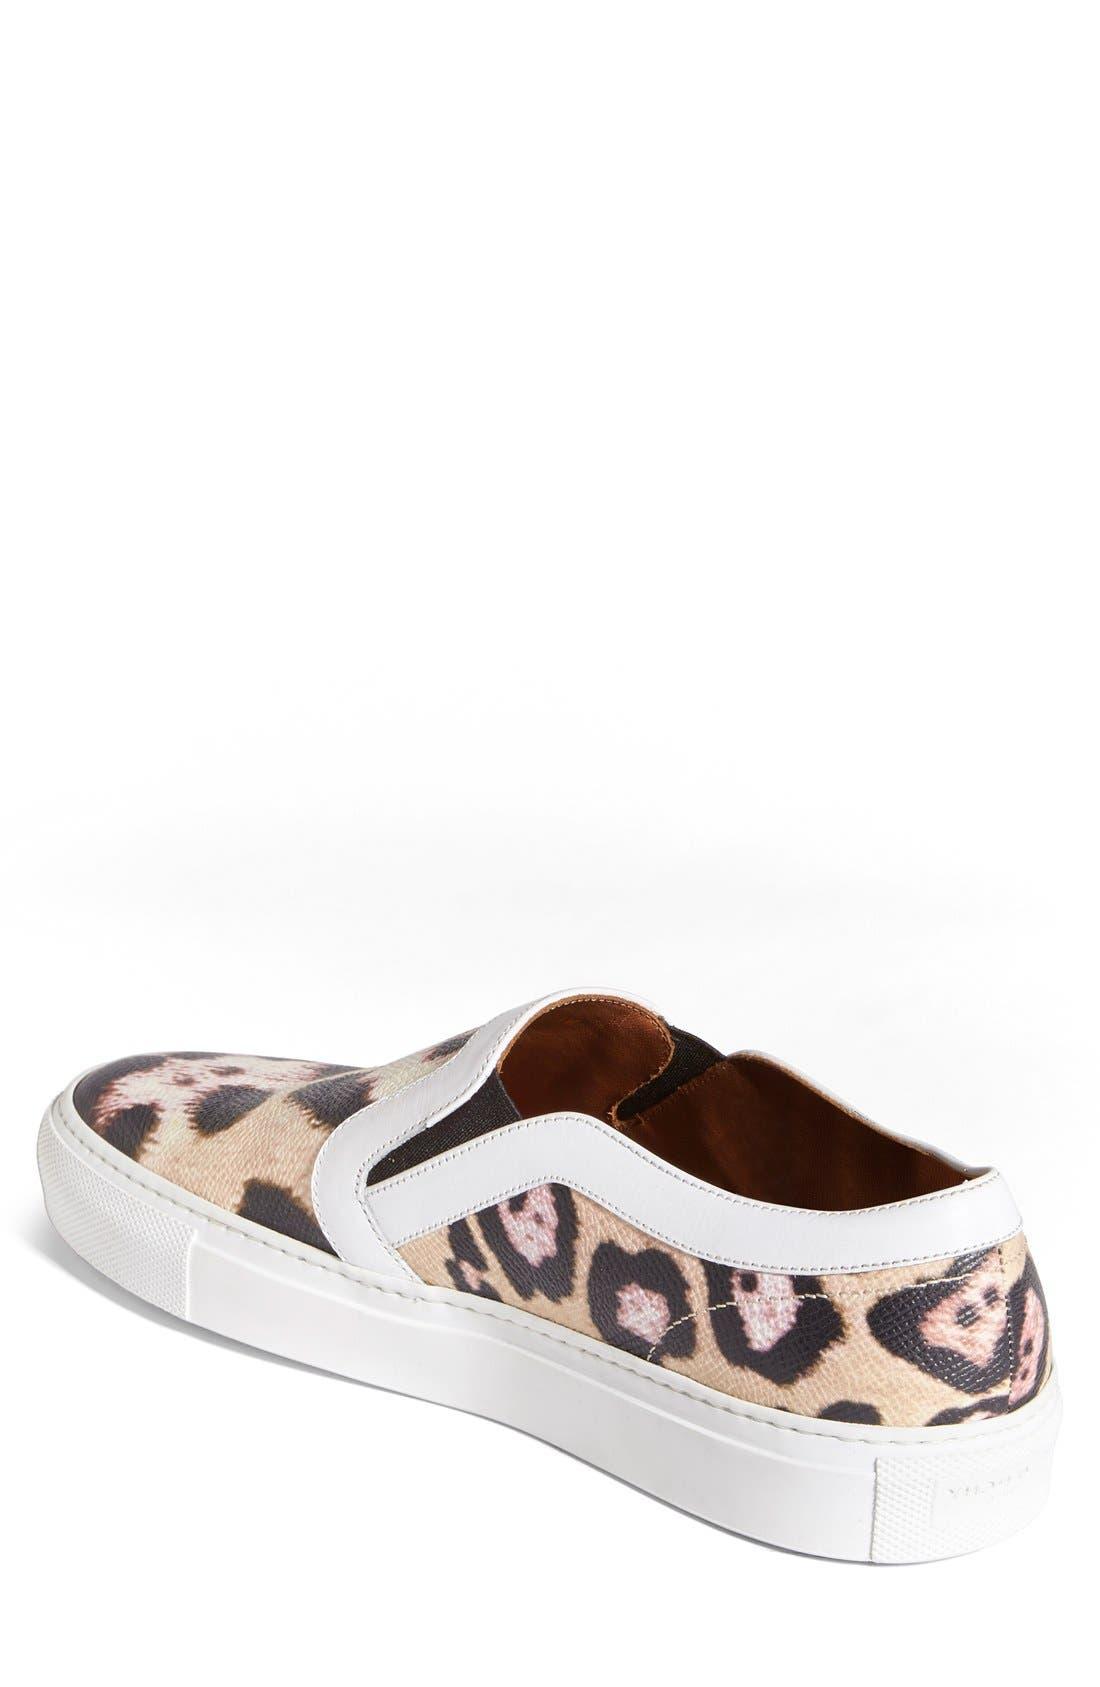 Leopard Print Skate Slip-On Sneaker,                             Alternate thumbnail 2, color,                             200